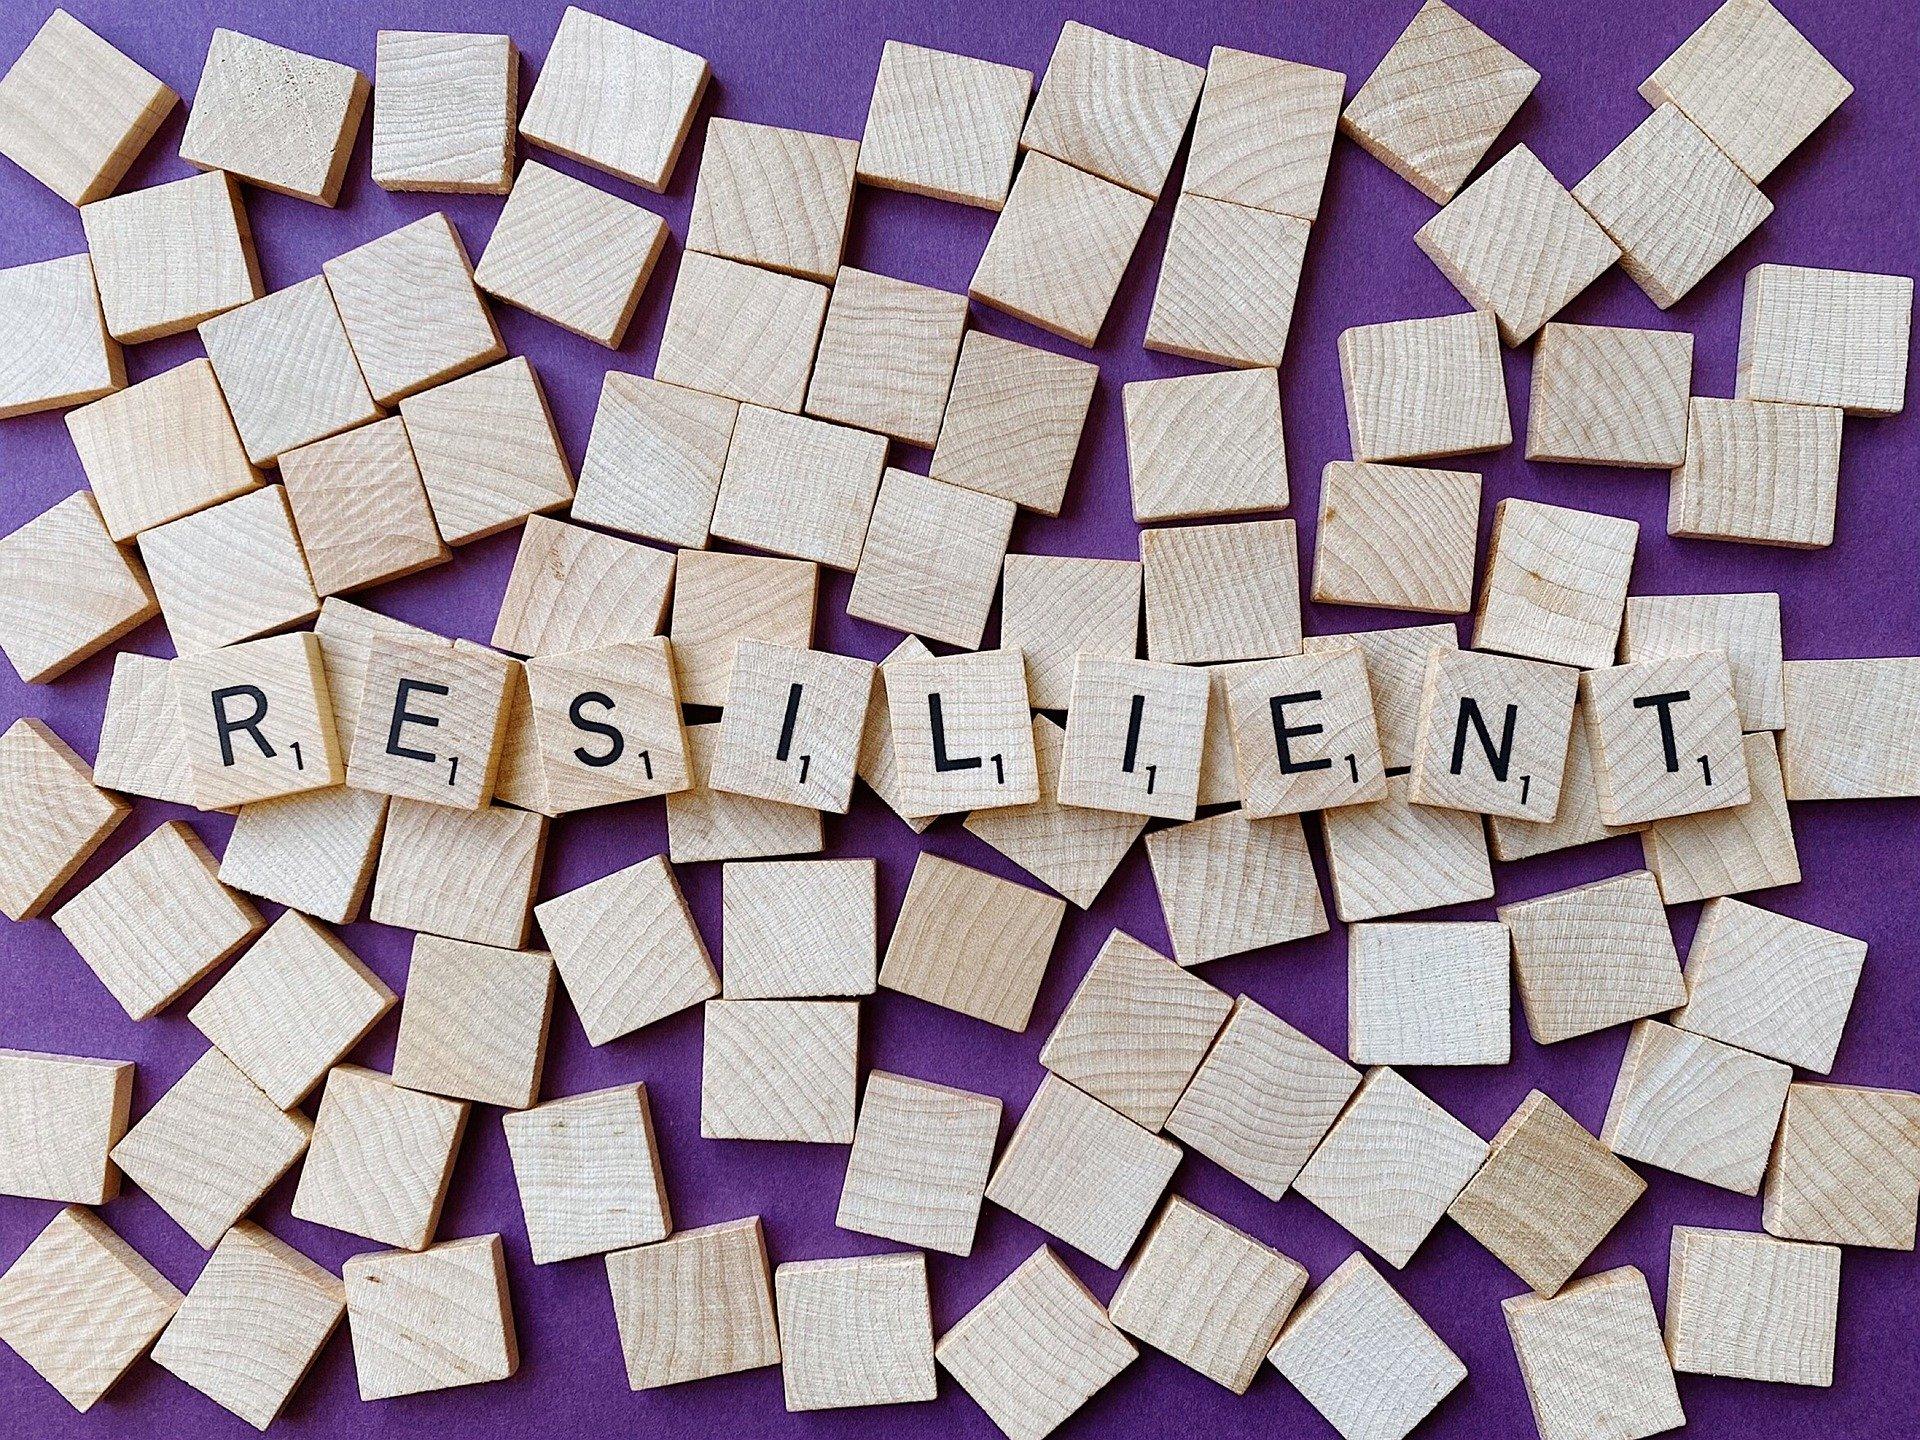 veerkracht kun je ontwikkelen